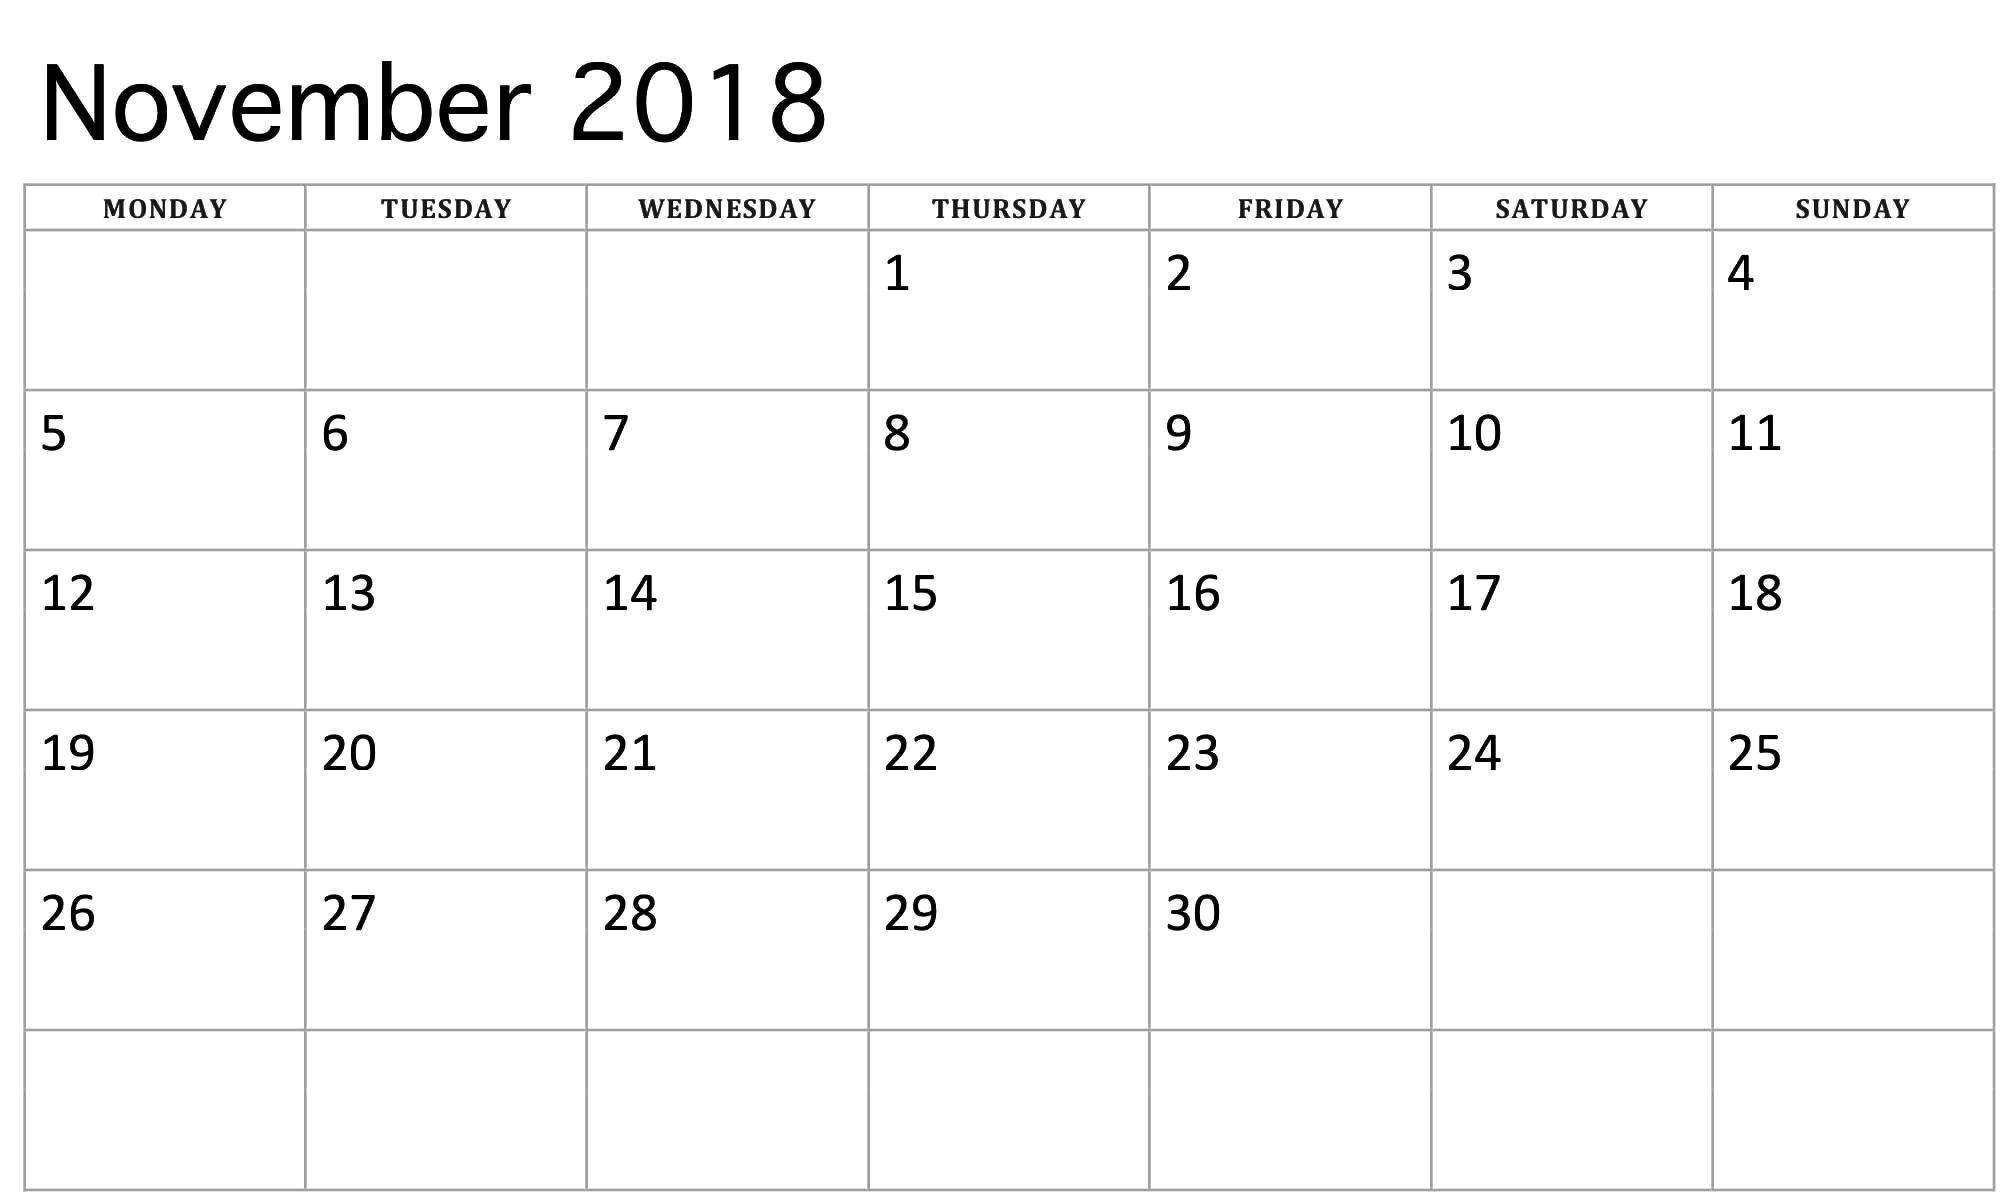 November 2018 Calendar In Spanish | November Calendar